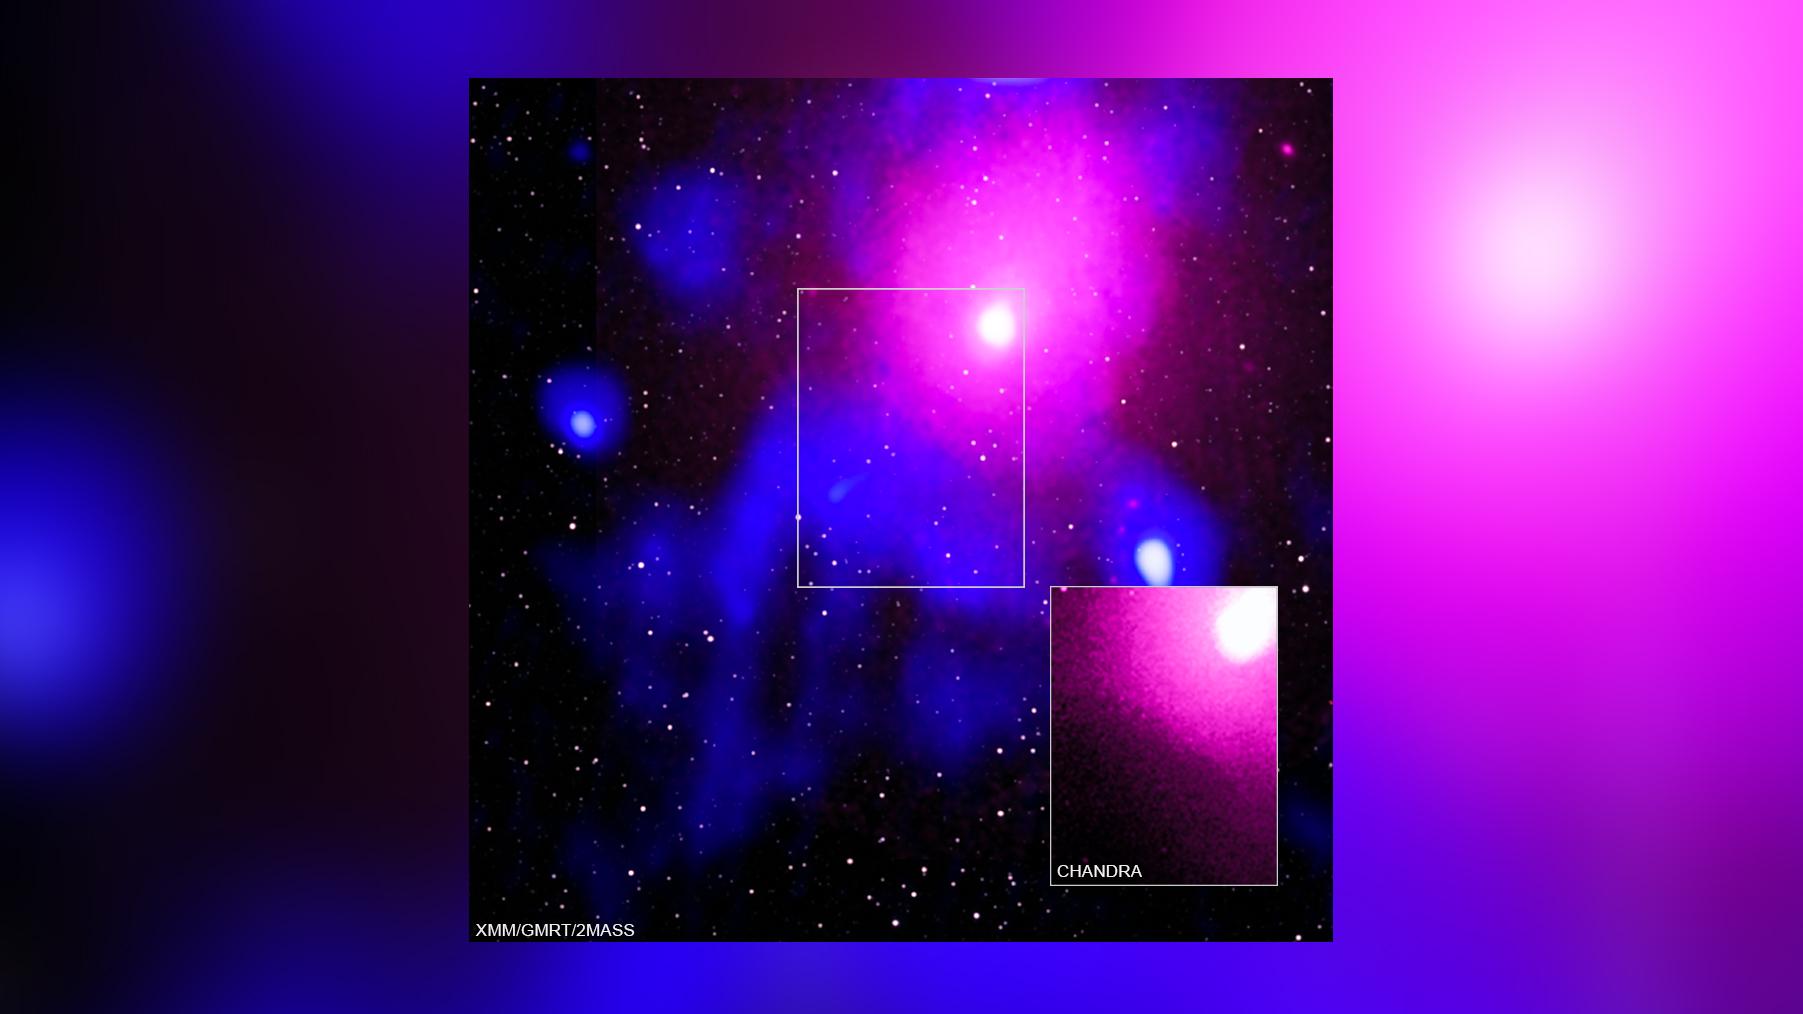 Les scientifiques ont repéré une explosion extrêmement puissante dans l'amas de galaxies Ophiuchus, situé à environ 390 millions d'années-lumière de la Terre.  Ici, un composite montrant la zone en rayons X, infrarouges et radio.